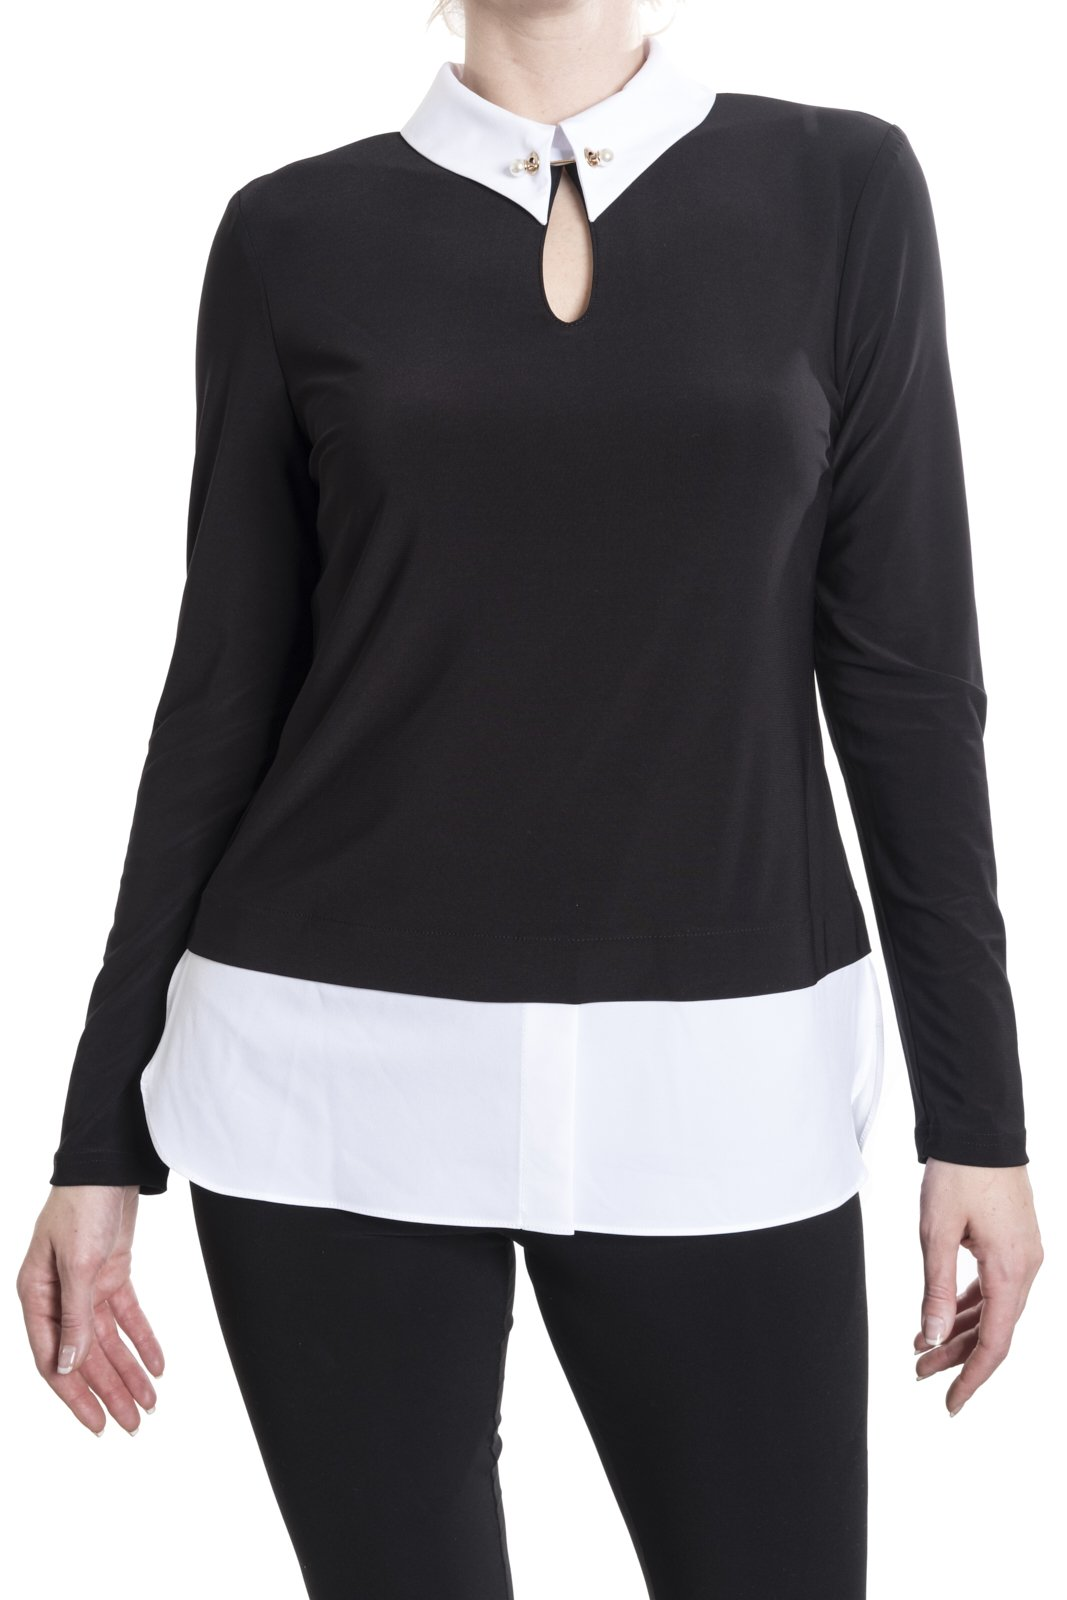 Joseph Ribkoff Black/White Top With Pearl Stickpin Style 181225 Size 16